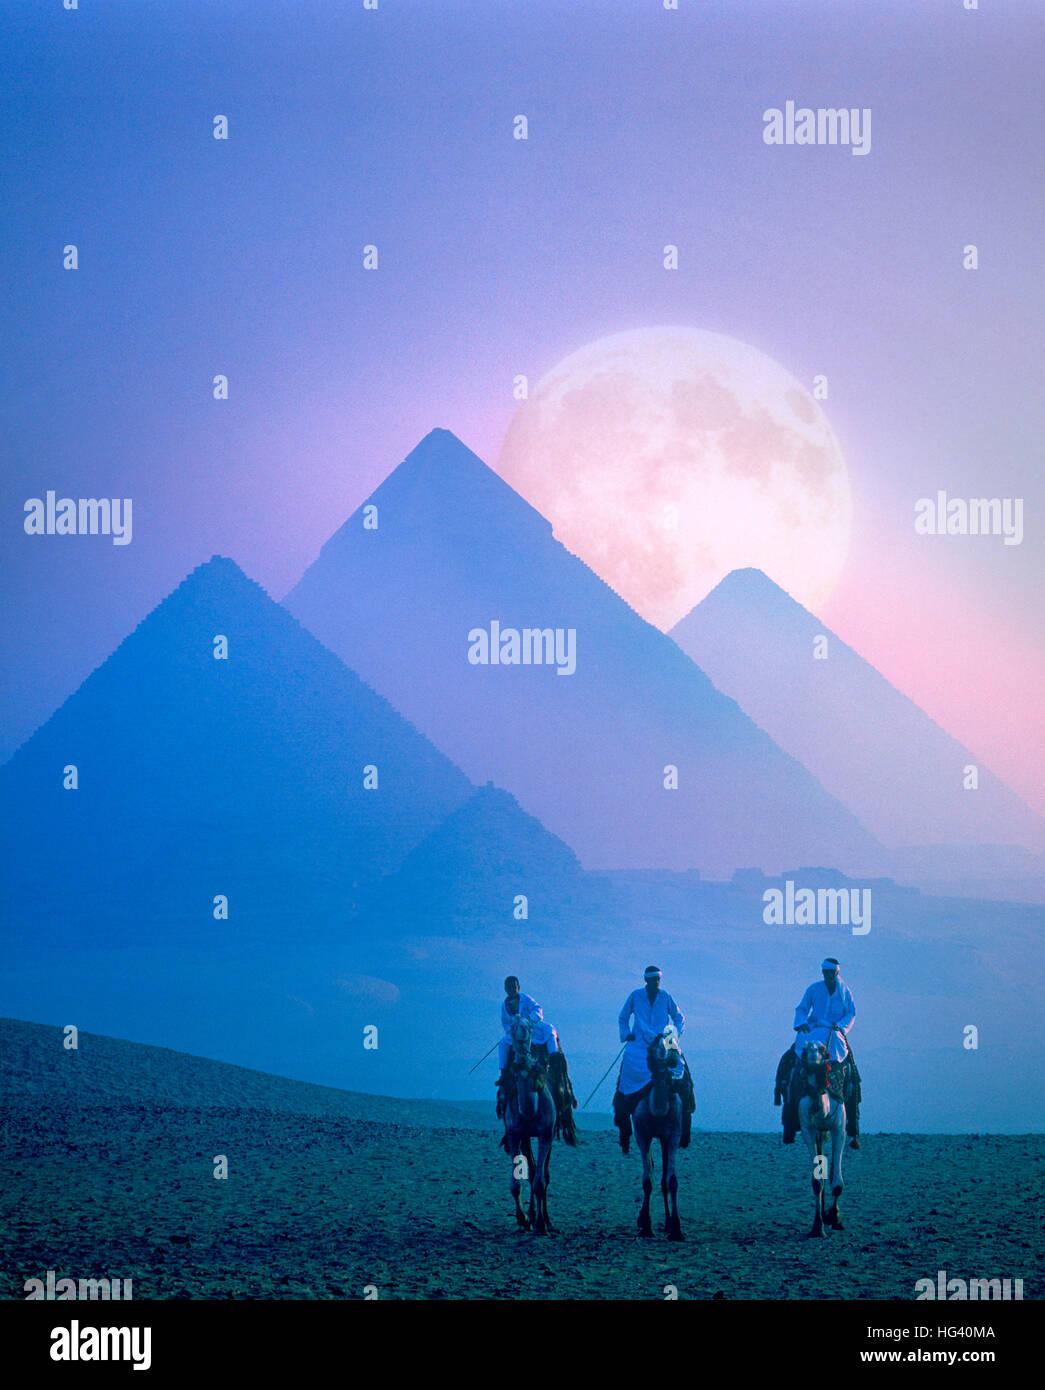 Full Moon rising hinter den Pyramiden bei Dämmerung, Gizeh, Kairo, Ägypten Stockbild